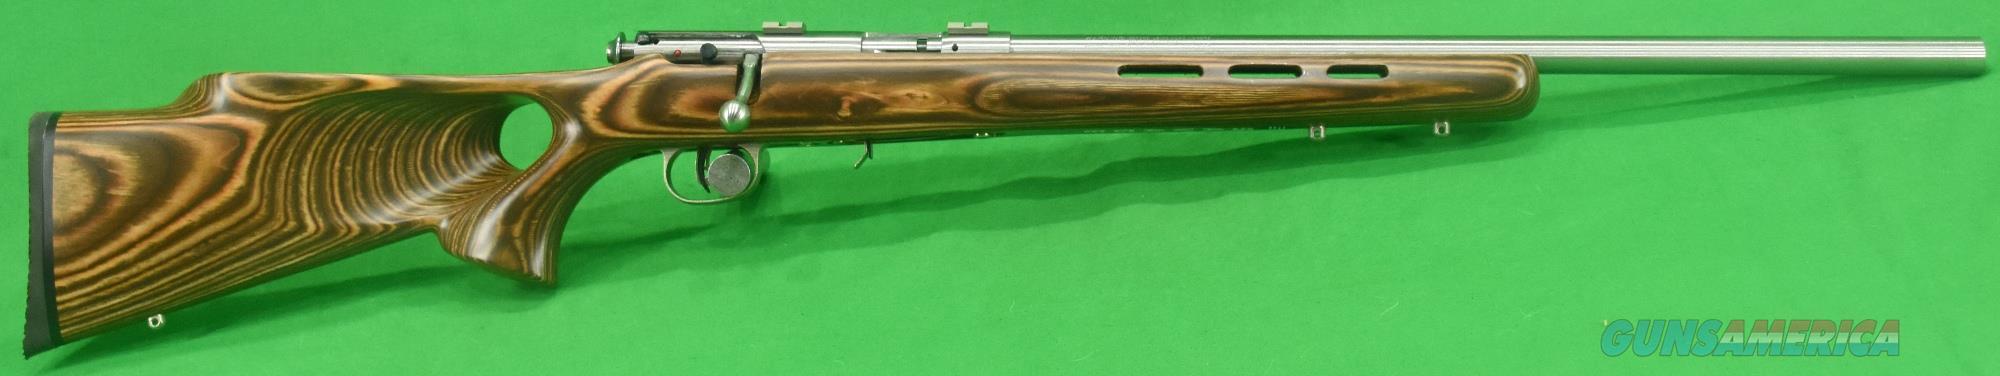 93 BTVS Lam Thumbhole SS 22Mag 21In  94725  Guns > Rifles > Savage Rifles